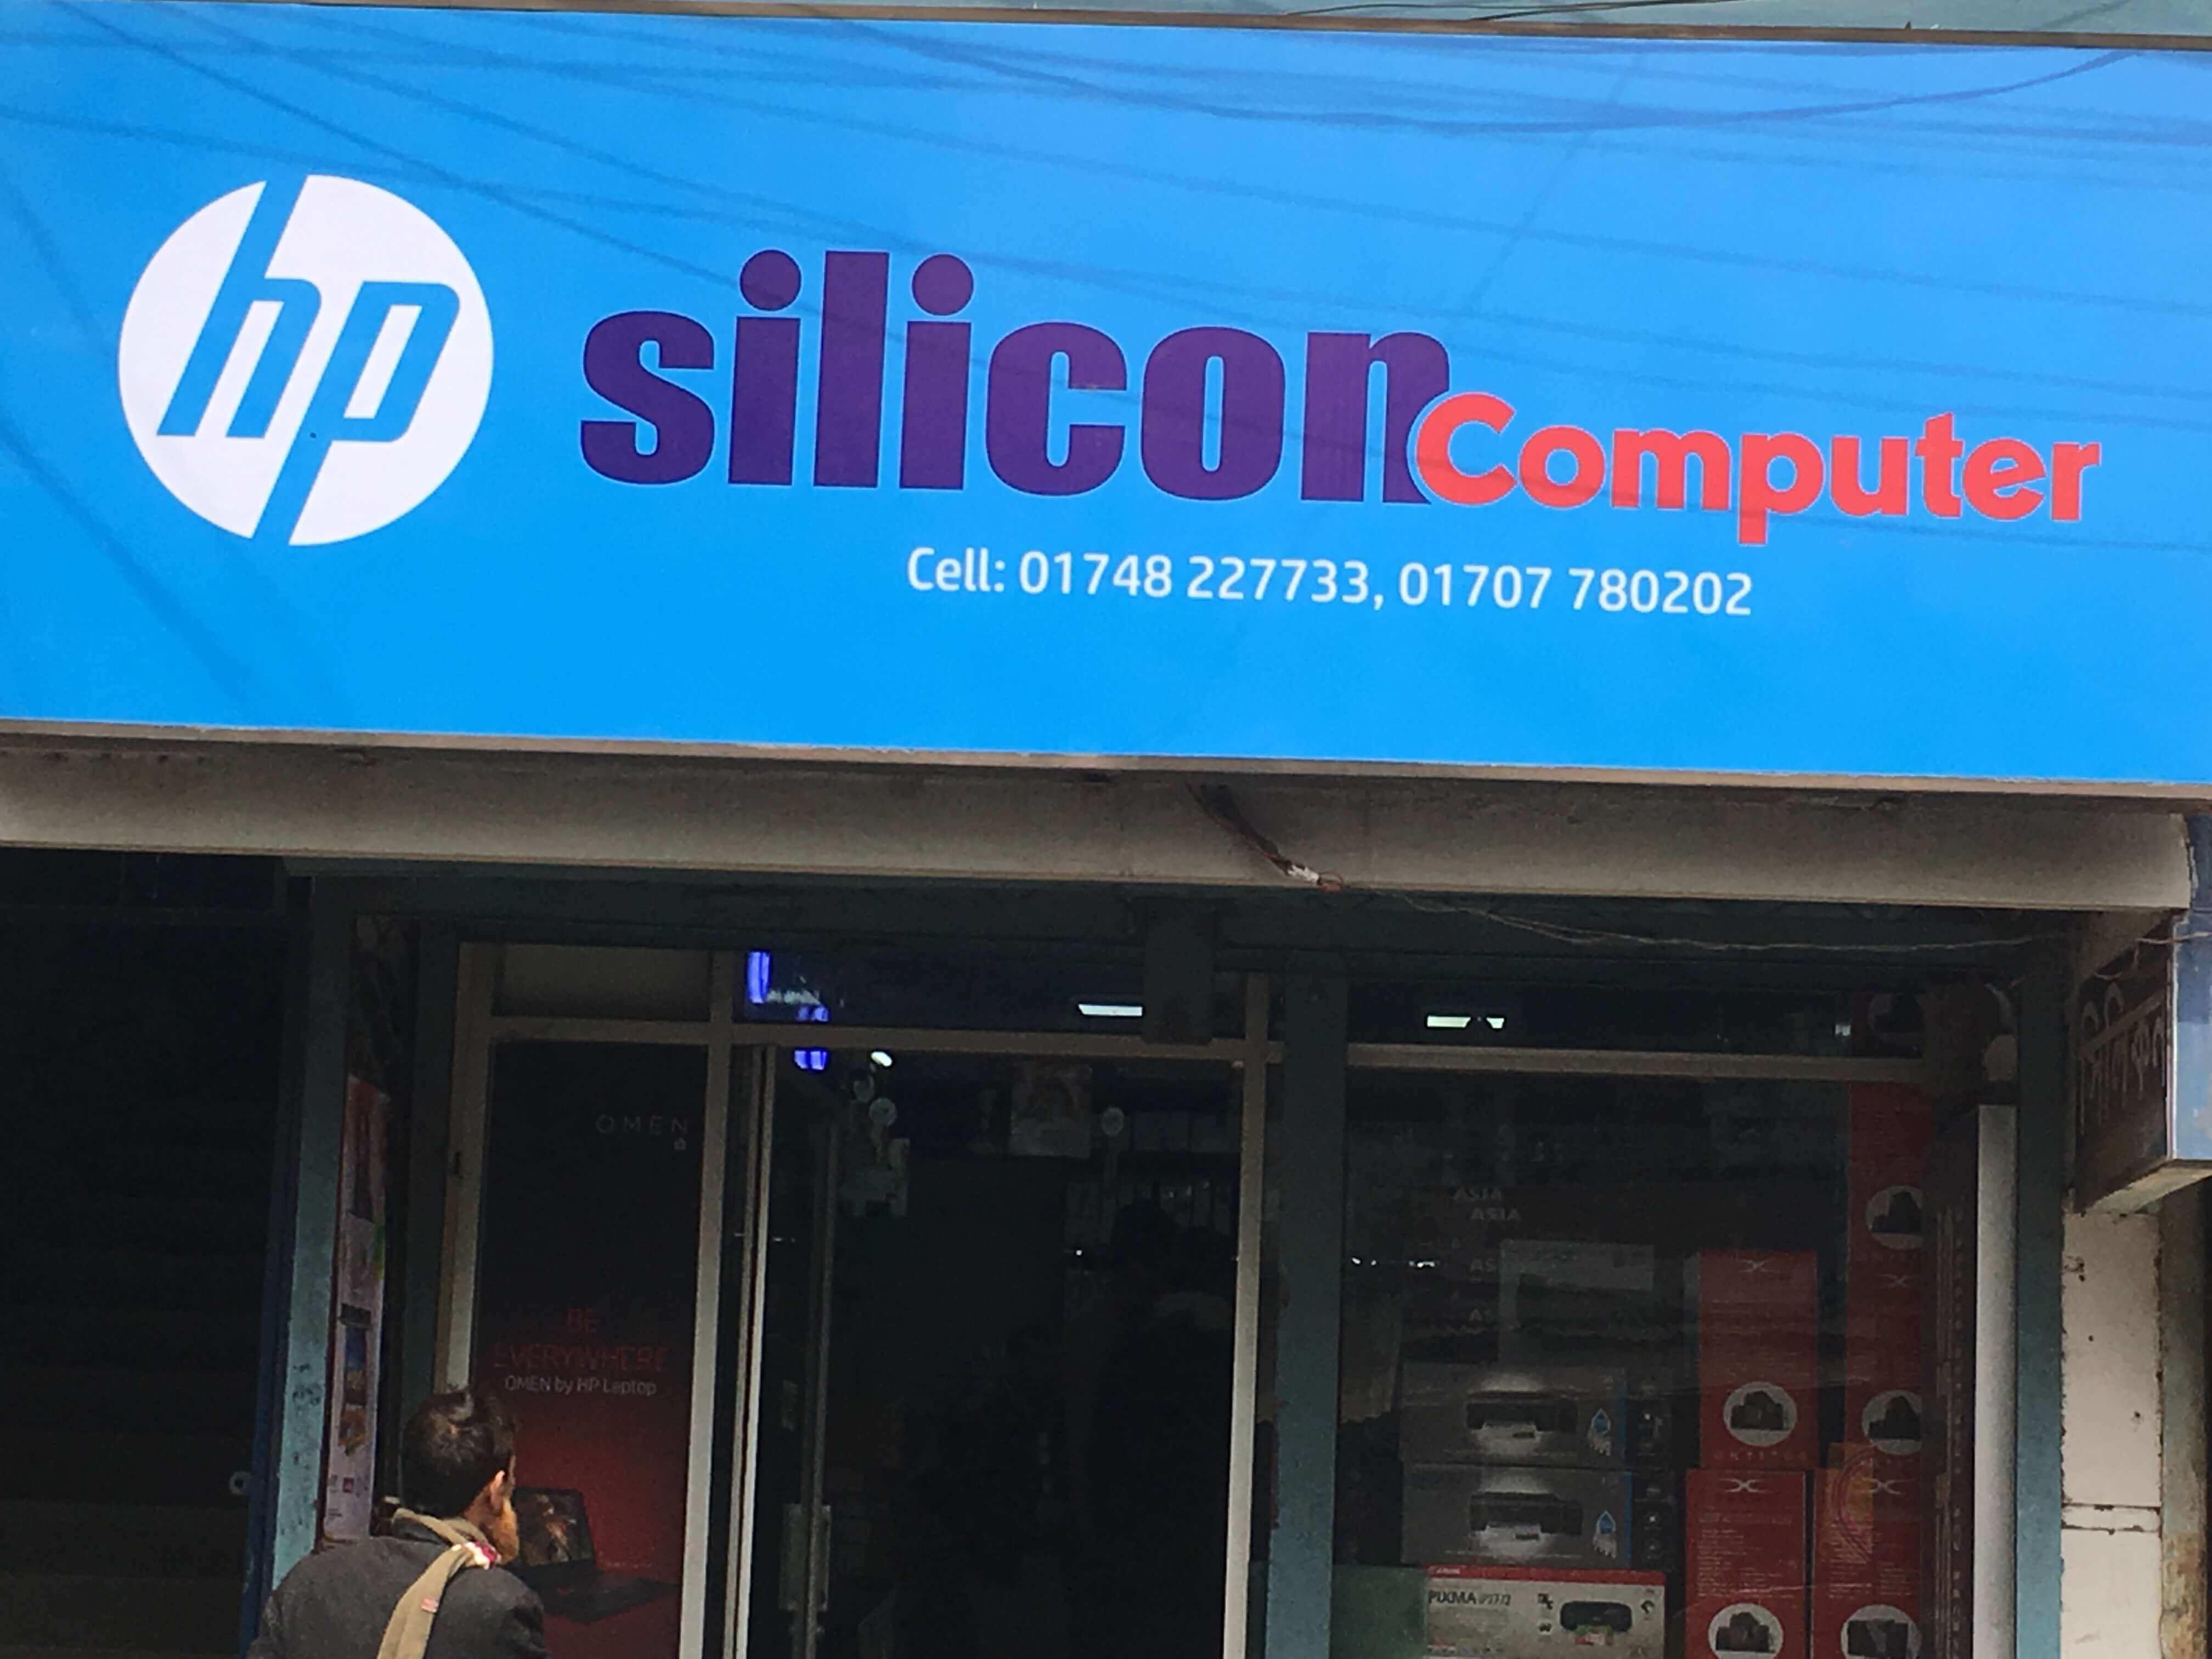 Silicon Computer